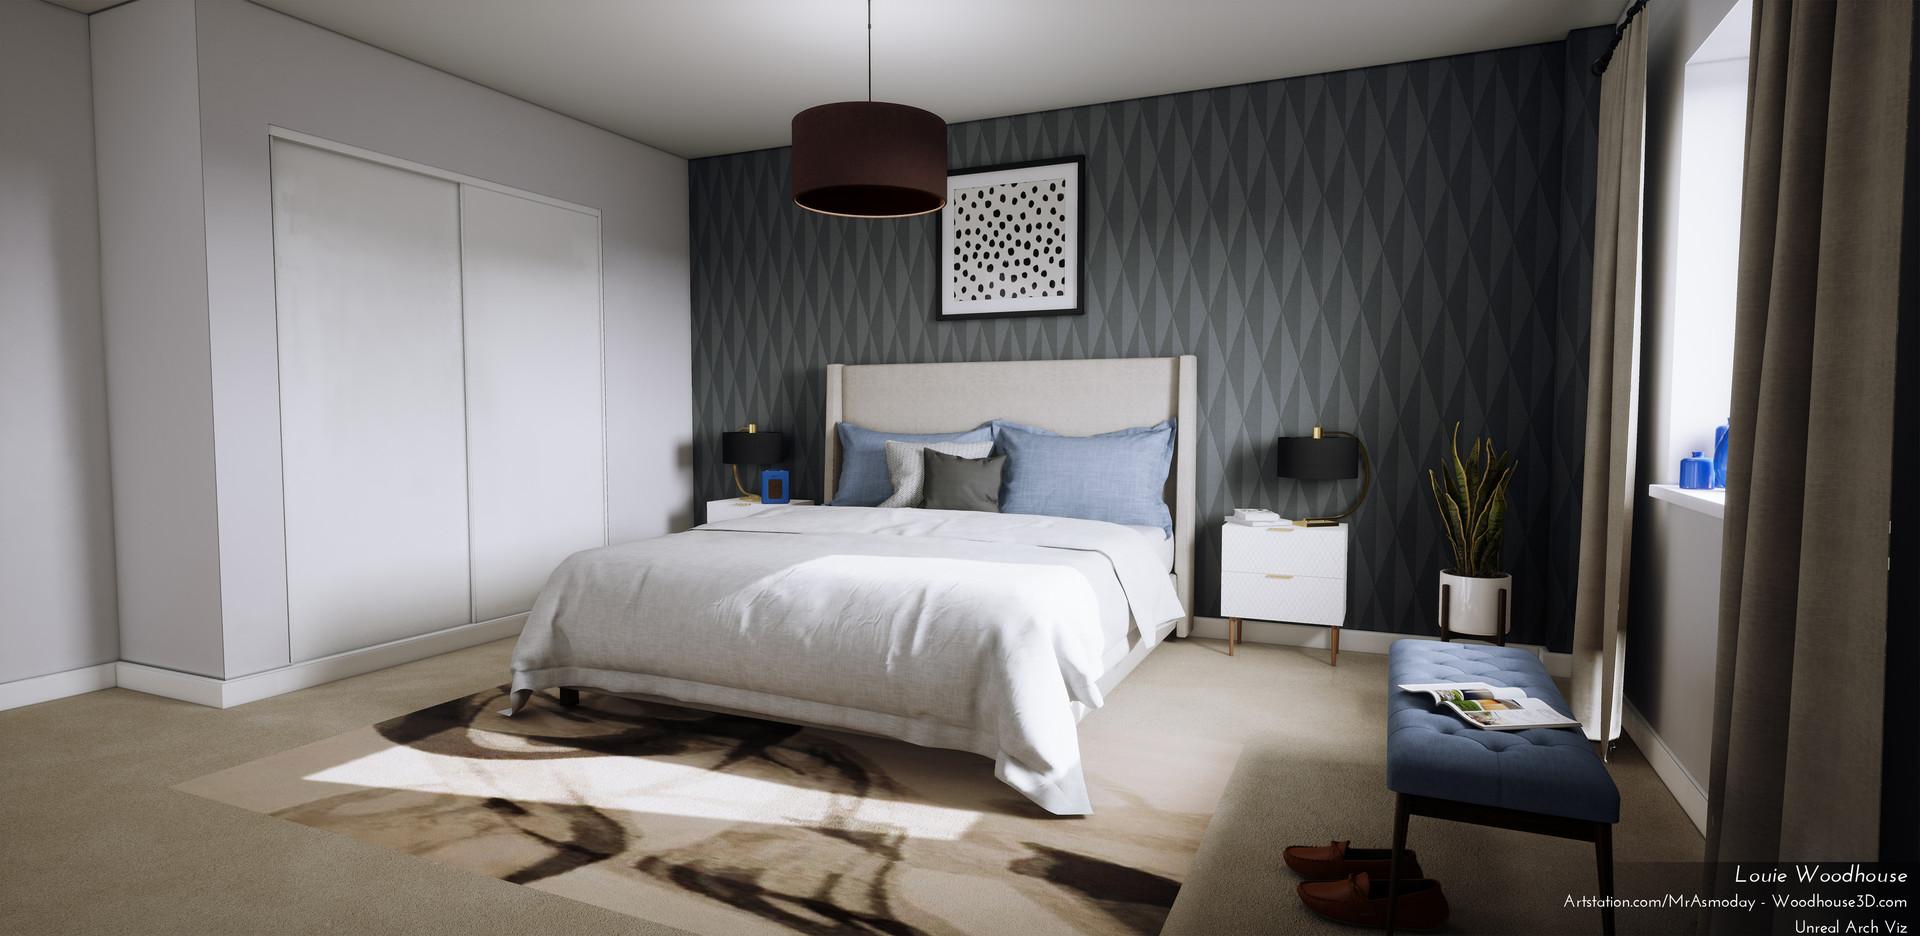 Louie woodhouse bedroom 02